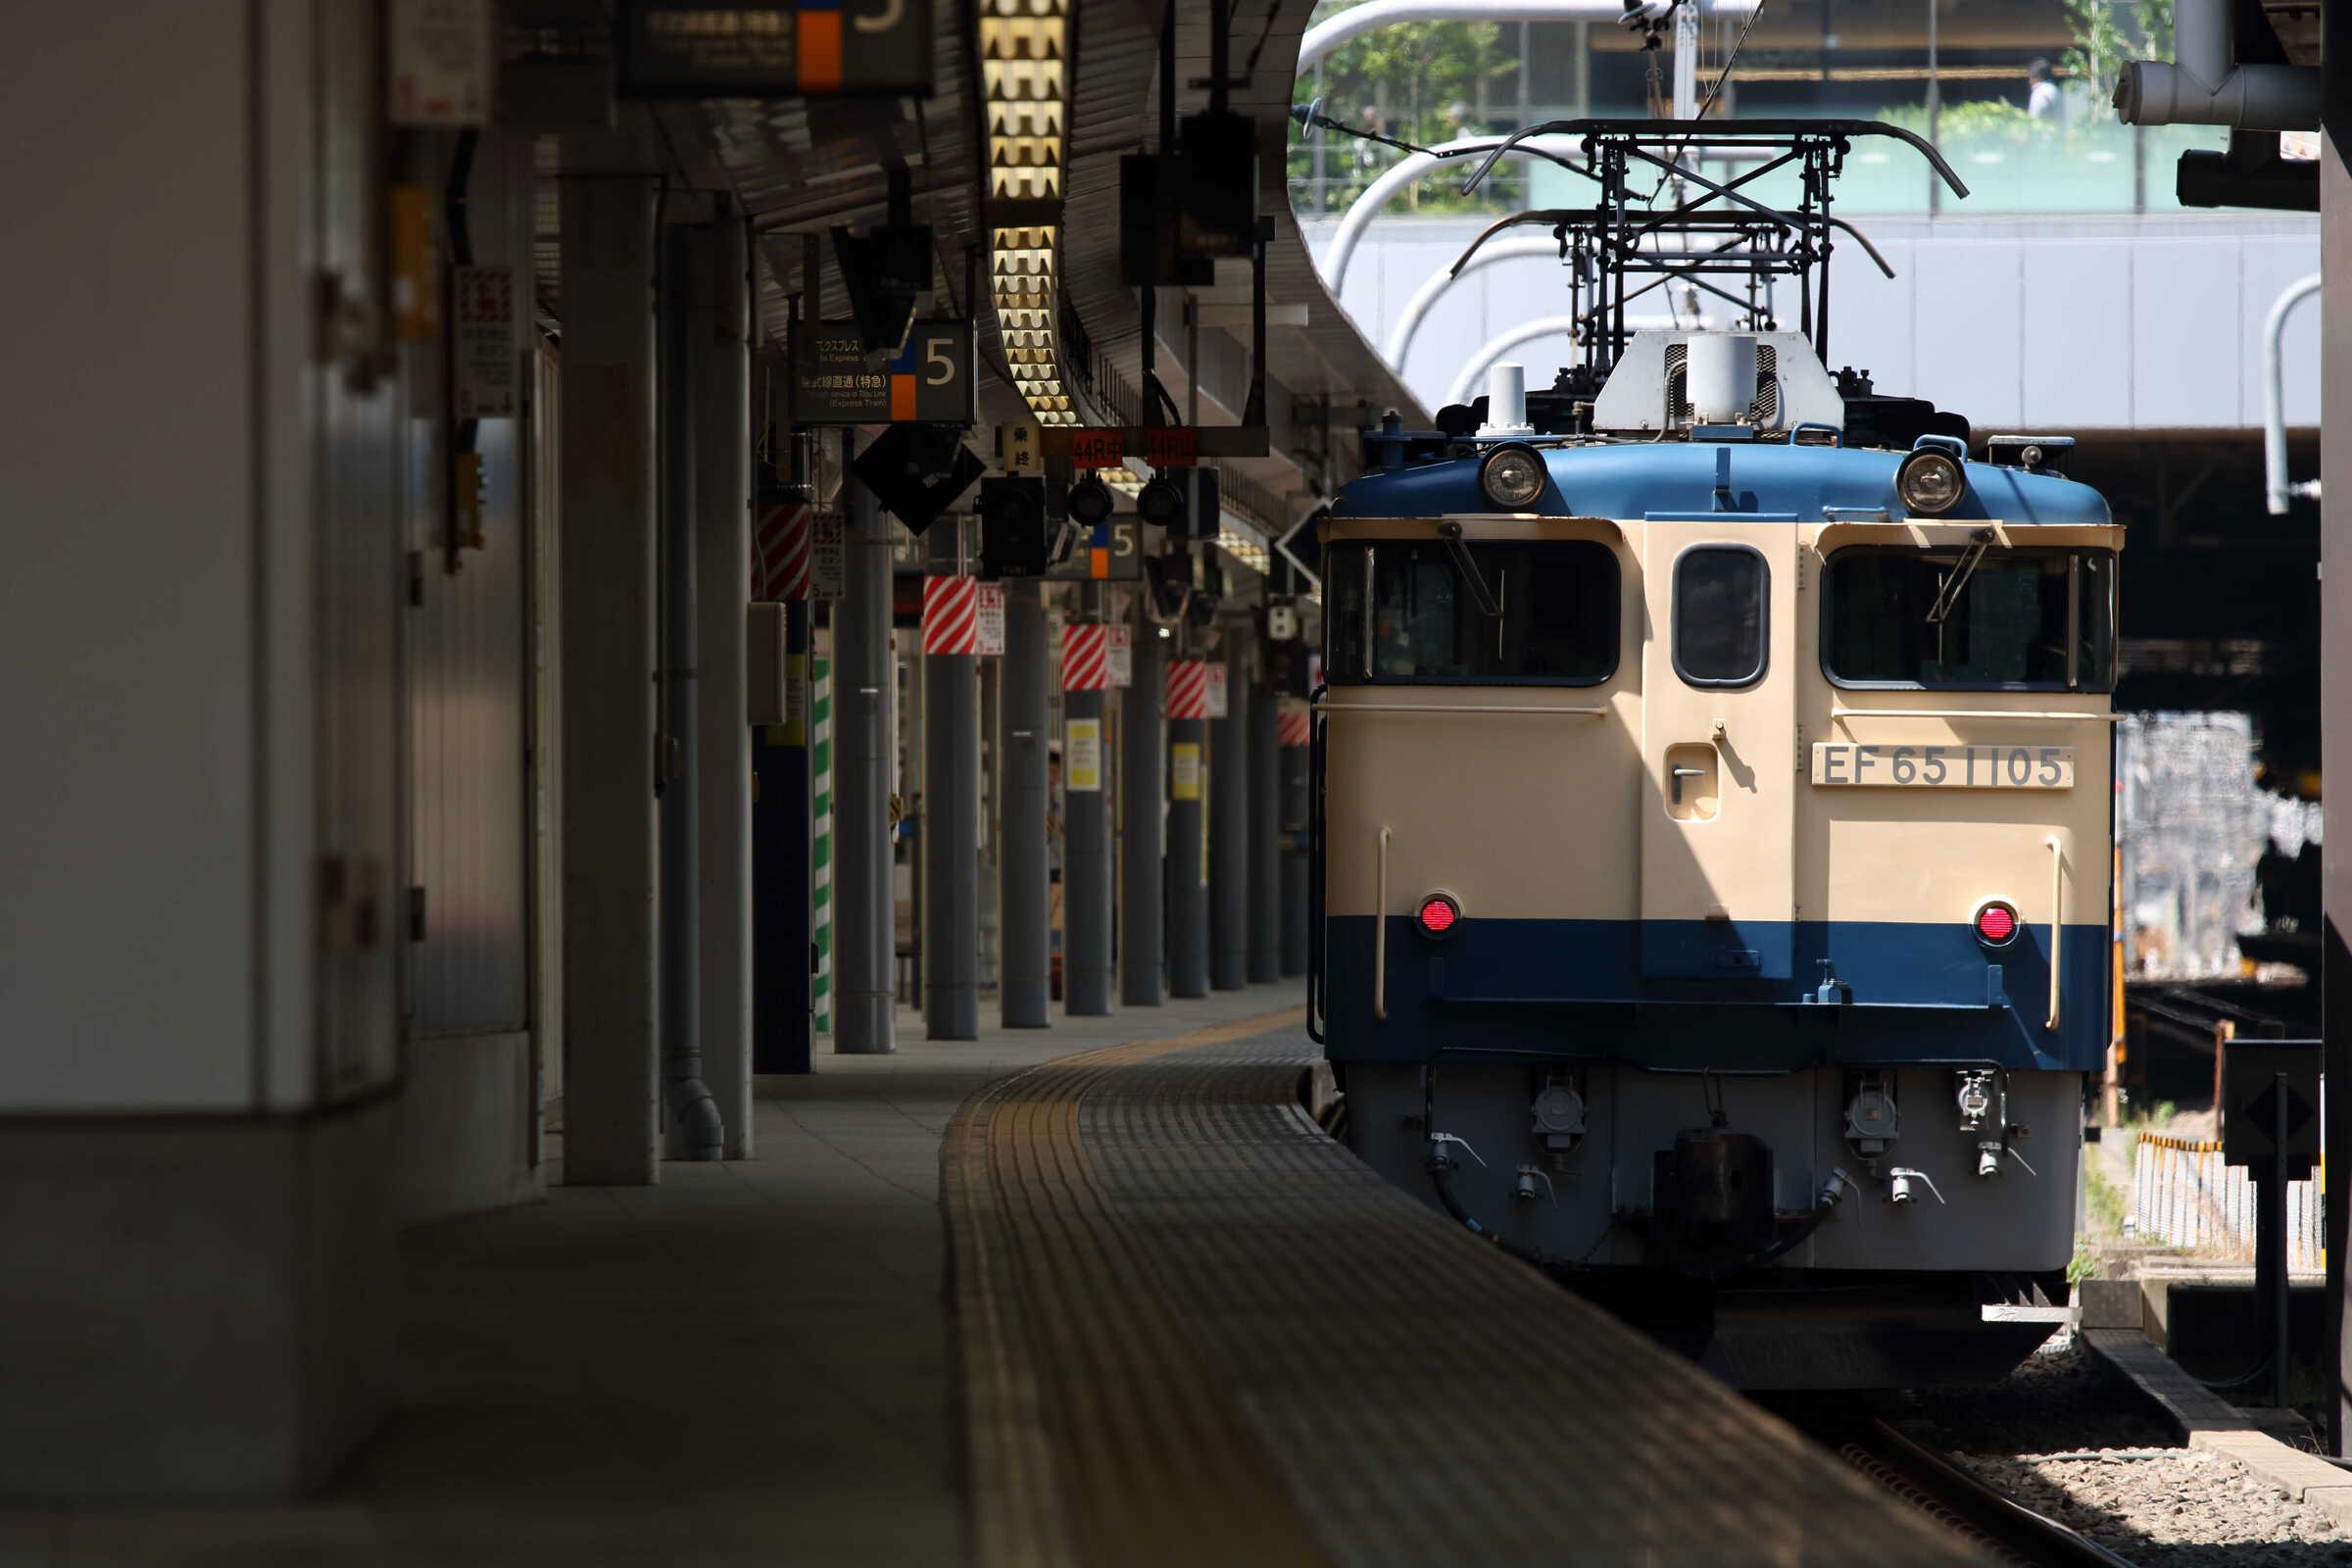 単8925列車 EF65-1105[田]